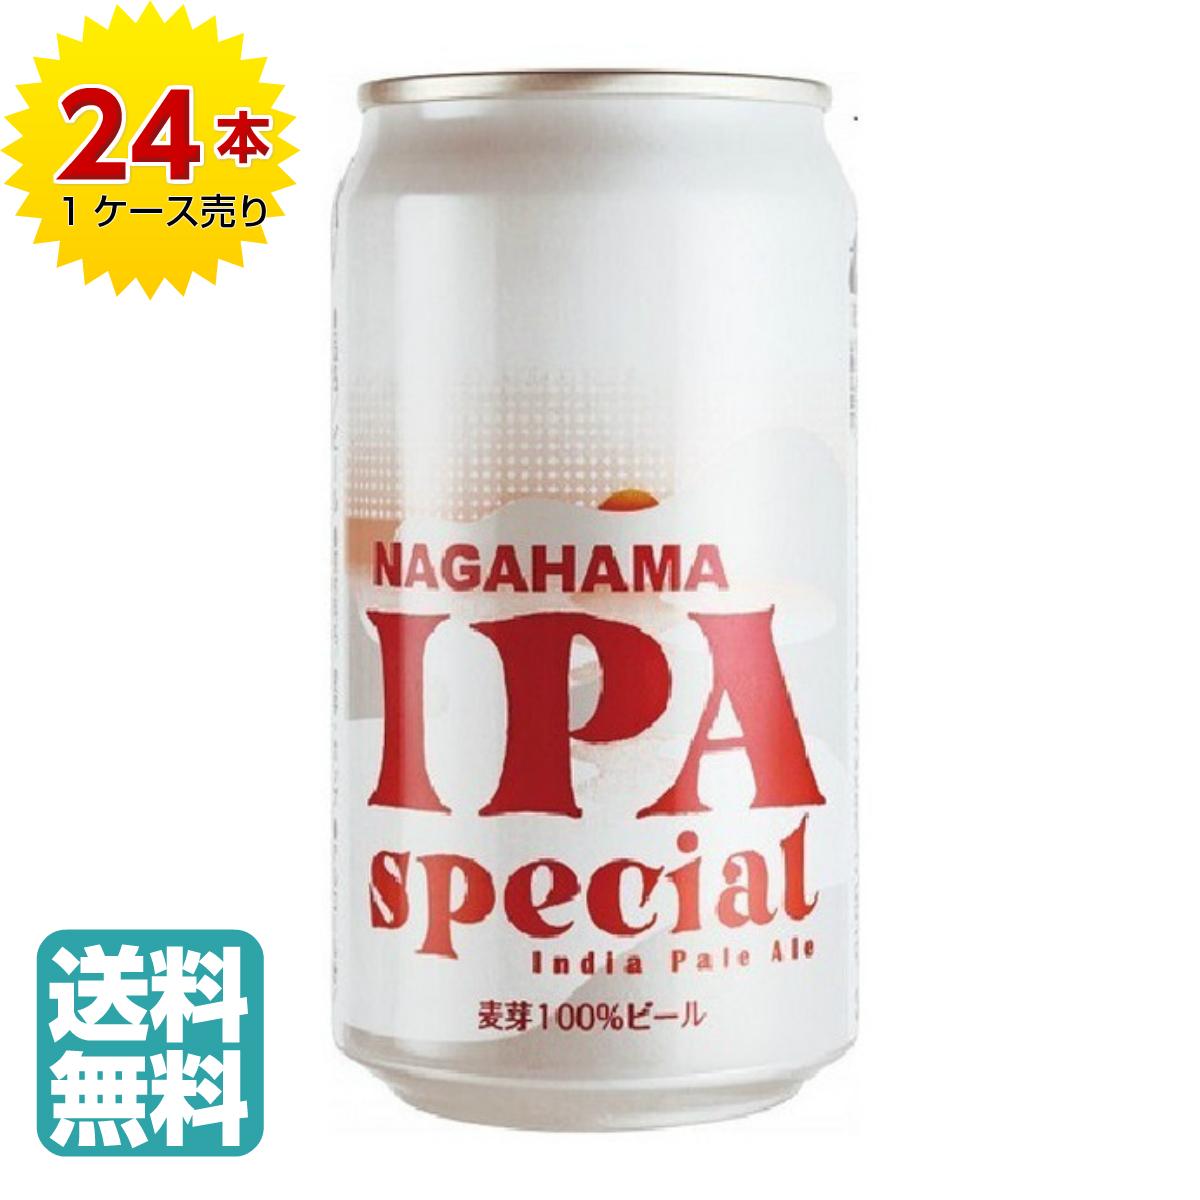 鮮烈な苦味とシトラスの香り 24本入り 長浜 日本メーカー新品 IPA スペシャル缶 350ml×24 売却 market SpecialIndiaPaleAle ケース販売 NAGAHAMA 麦芽100%ビールbeko